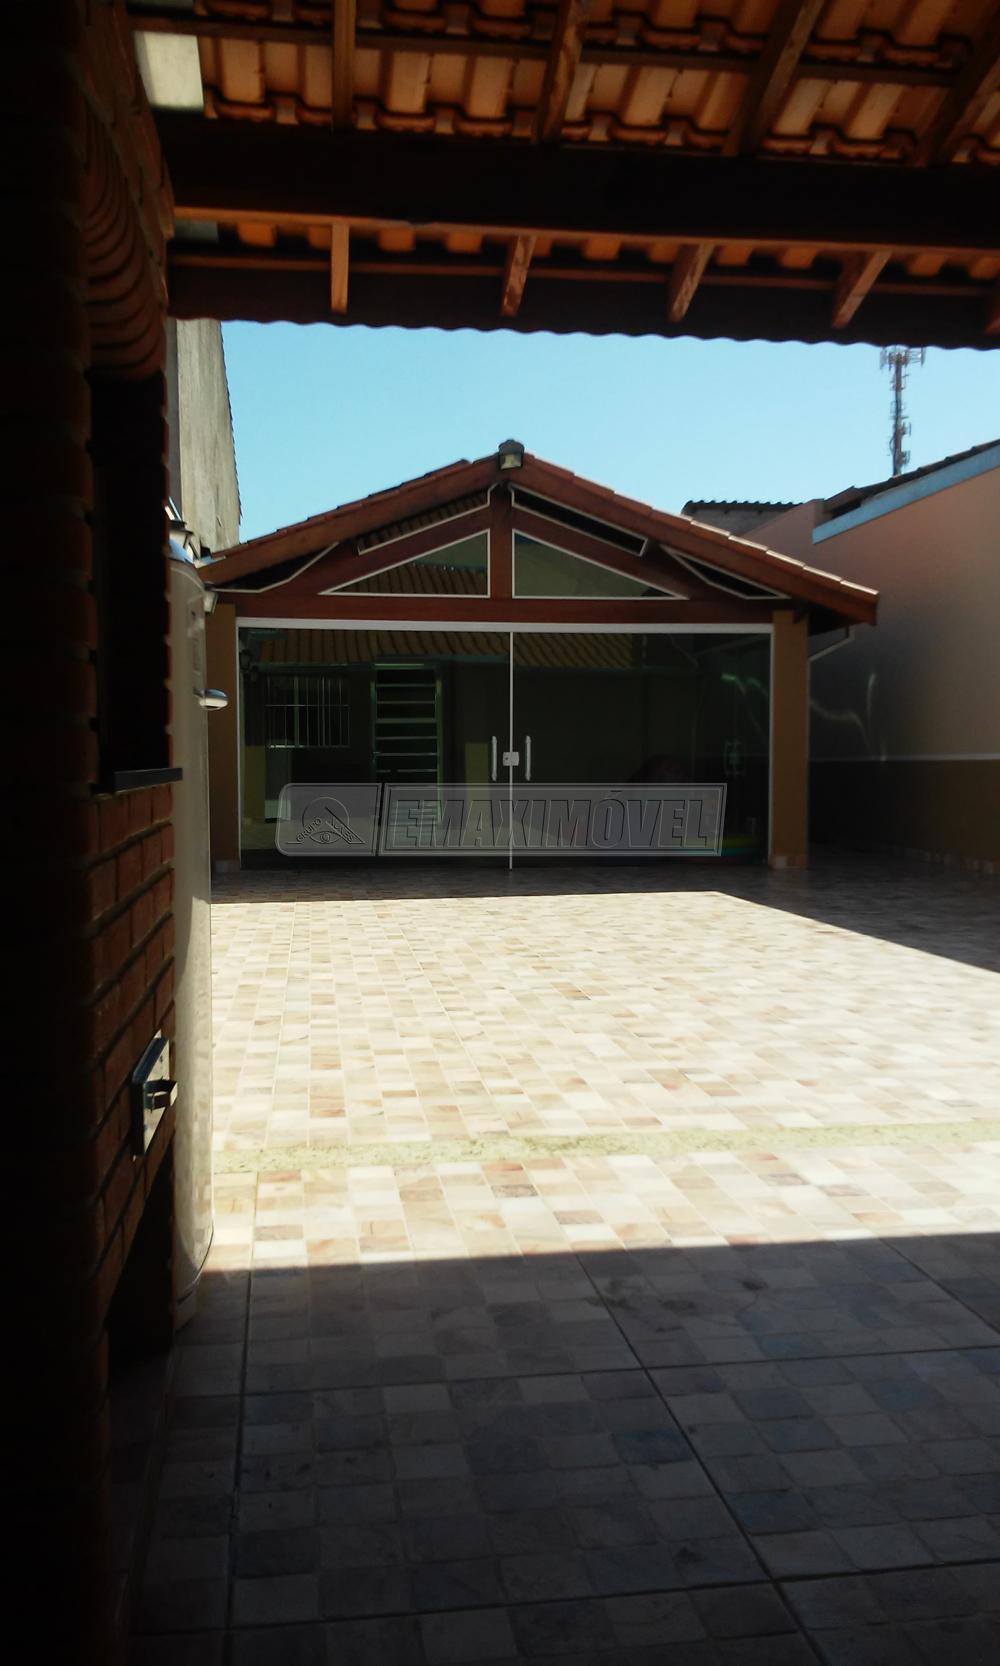 Comprar Casas / em Bairros em Sorocaba apenas R$ 270.000,00 - Foto 7